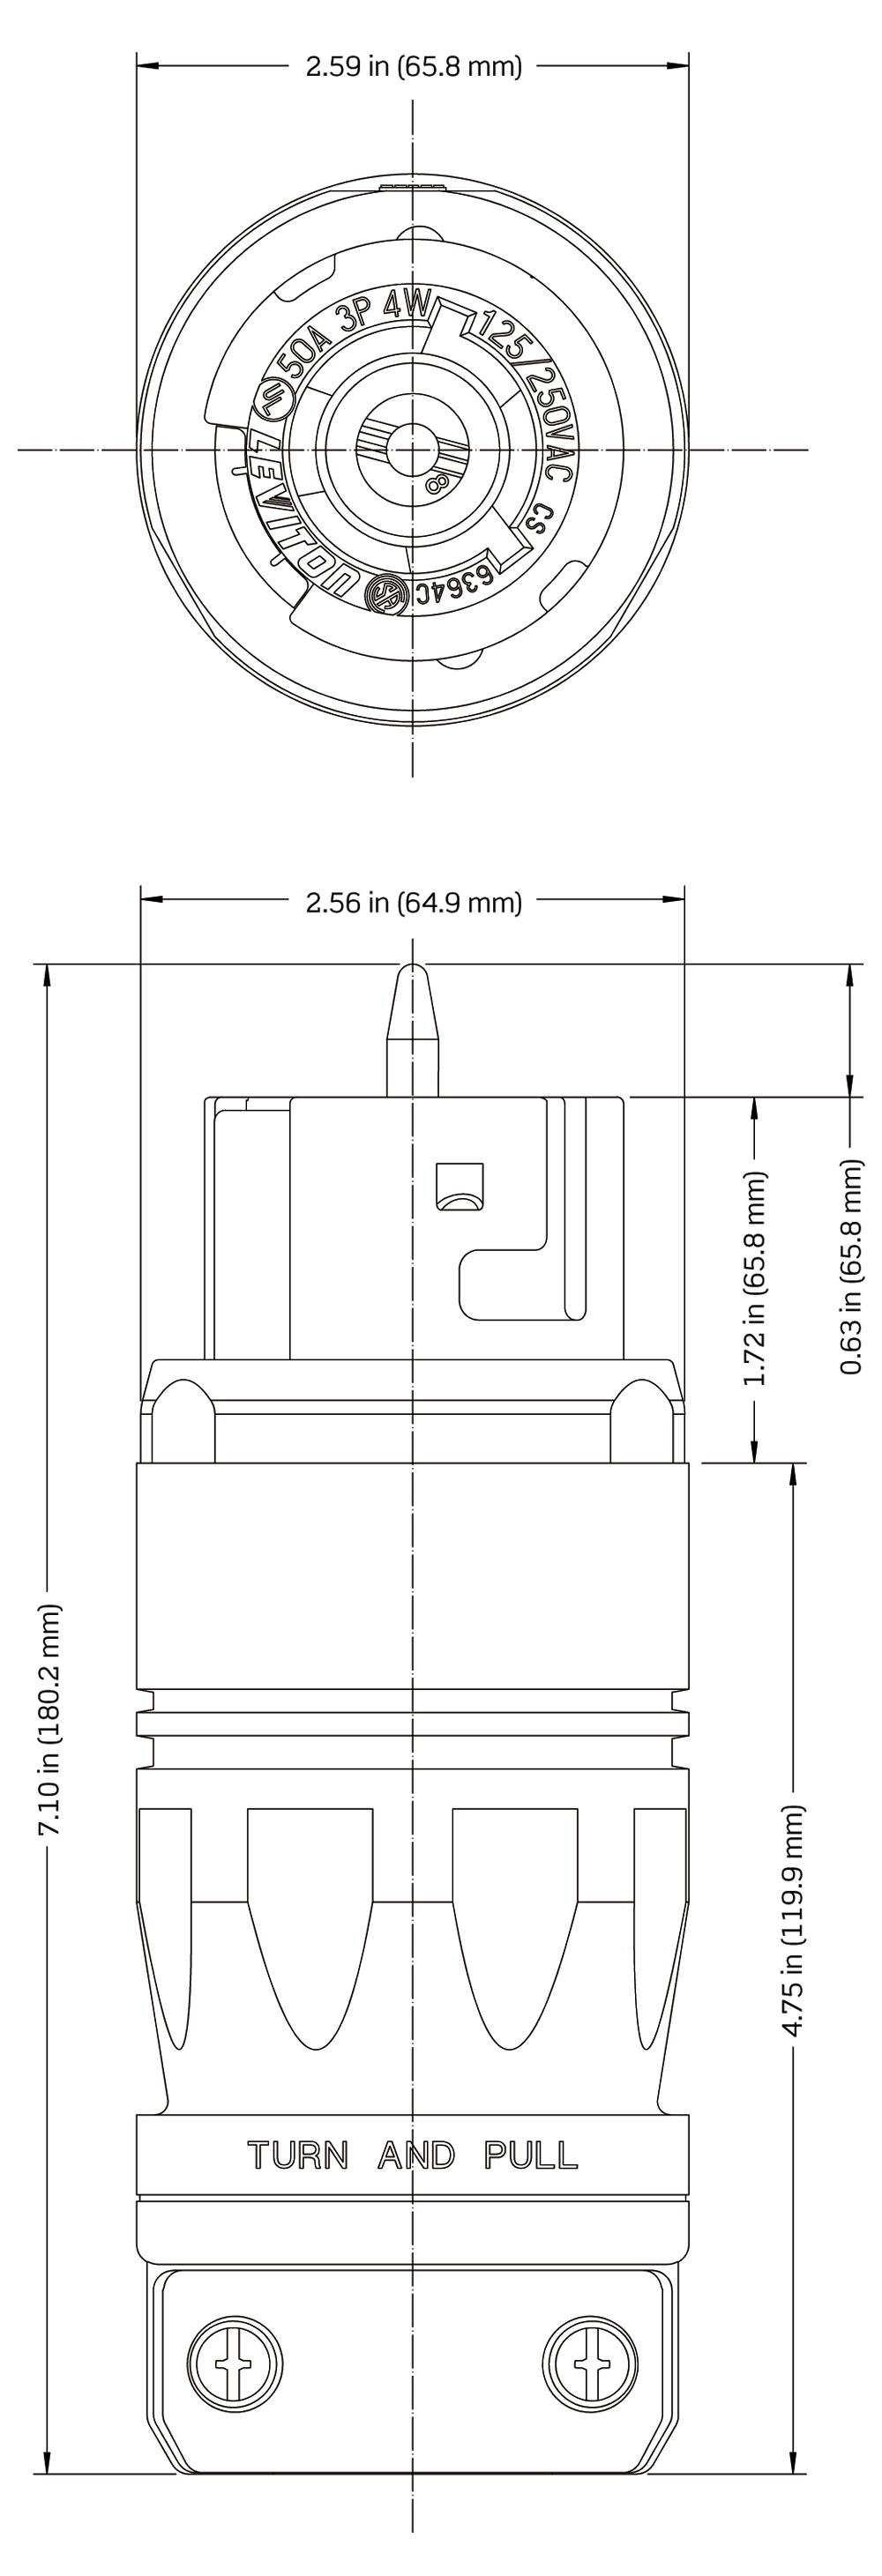 Atemberaubend Leviton 50 Ampere Schaltplan Ideen - Schaltplan Serie ...